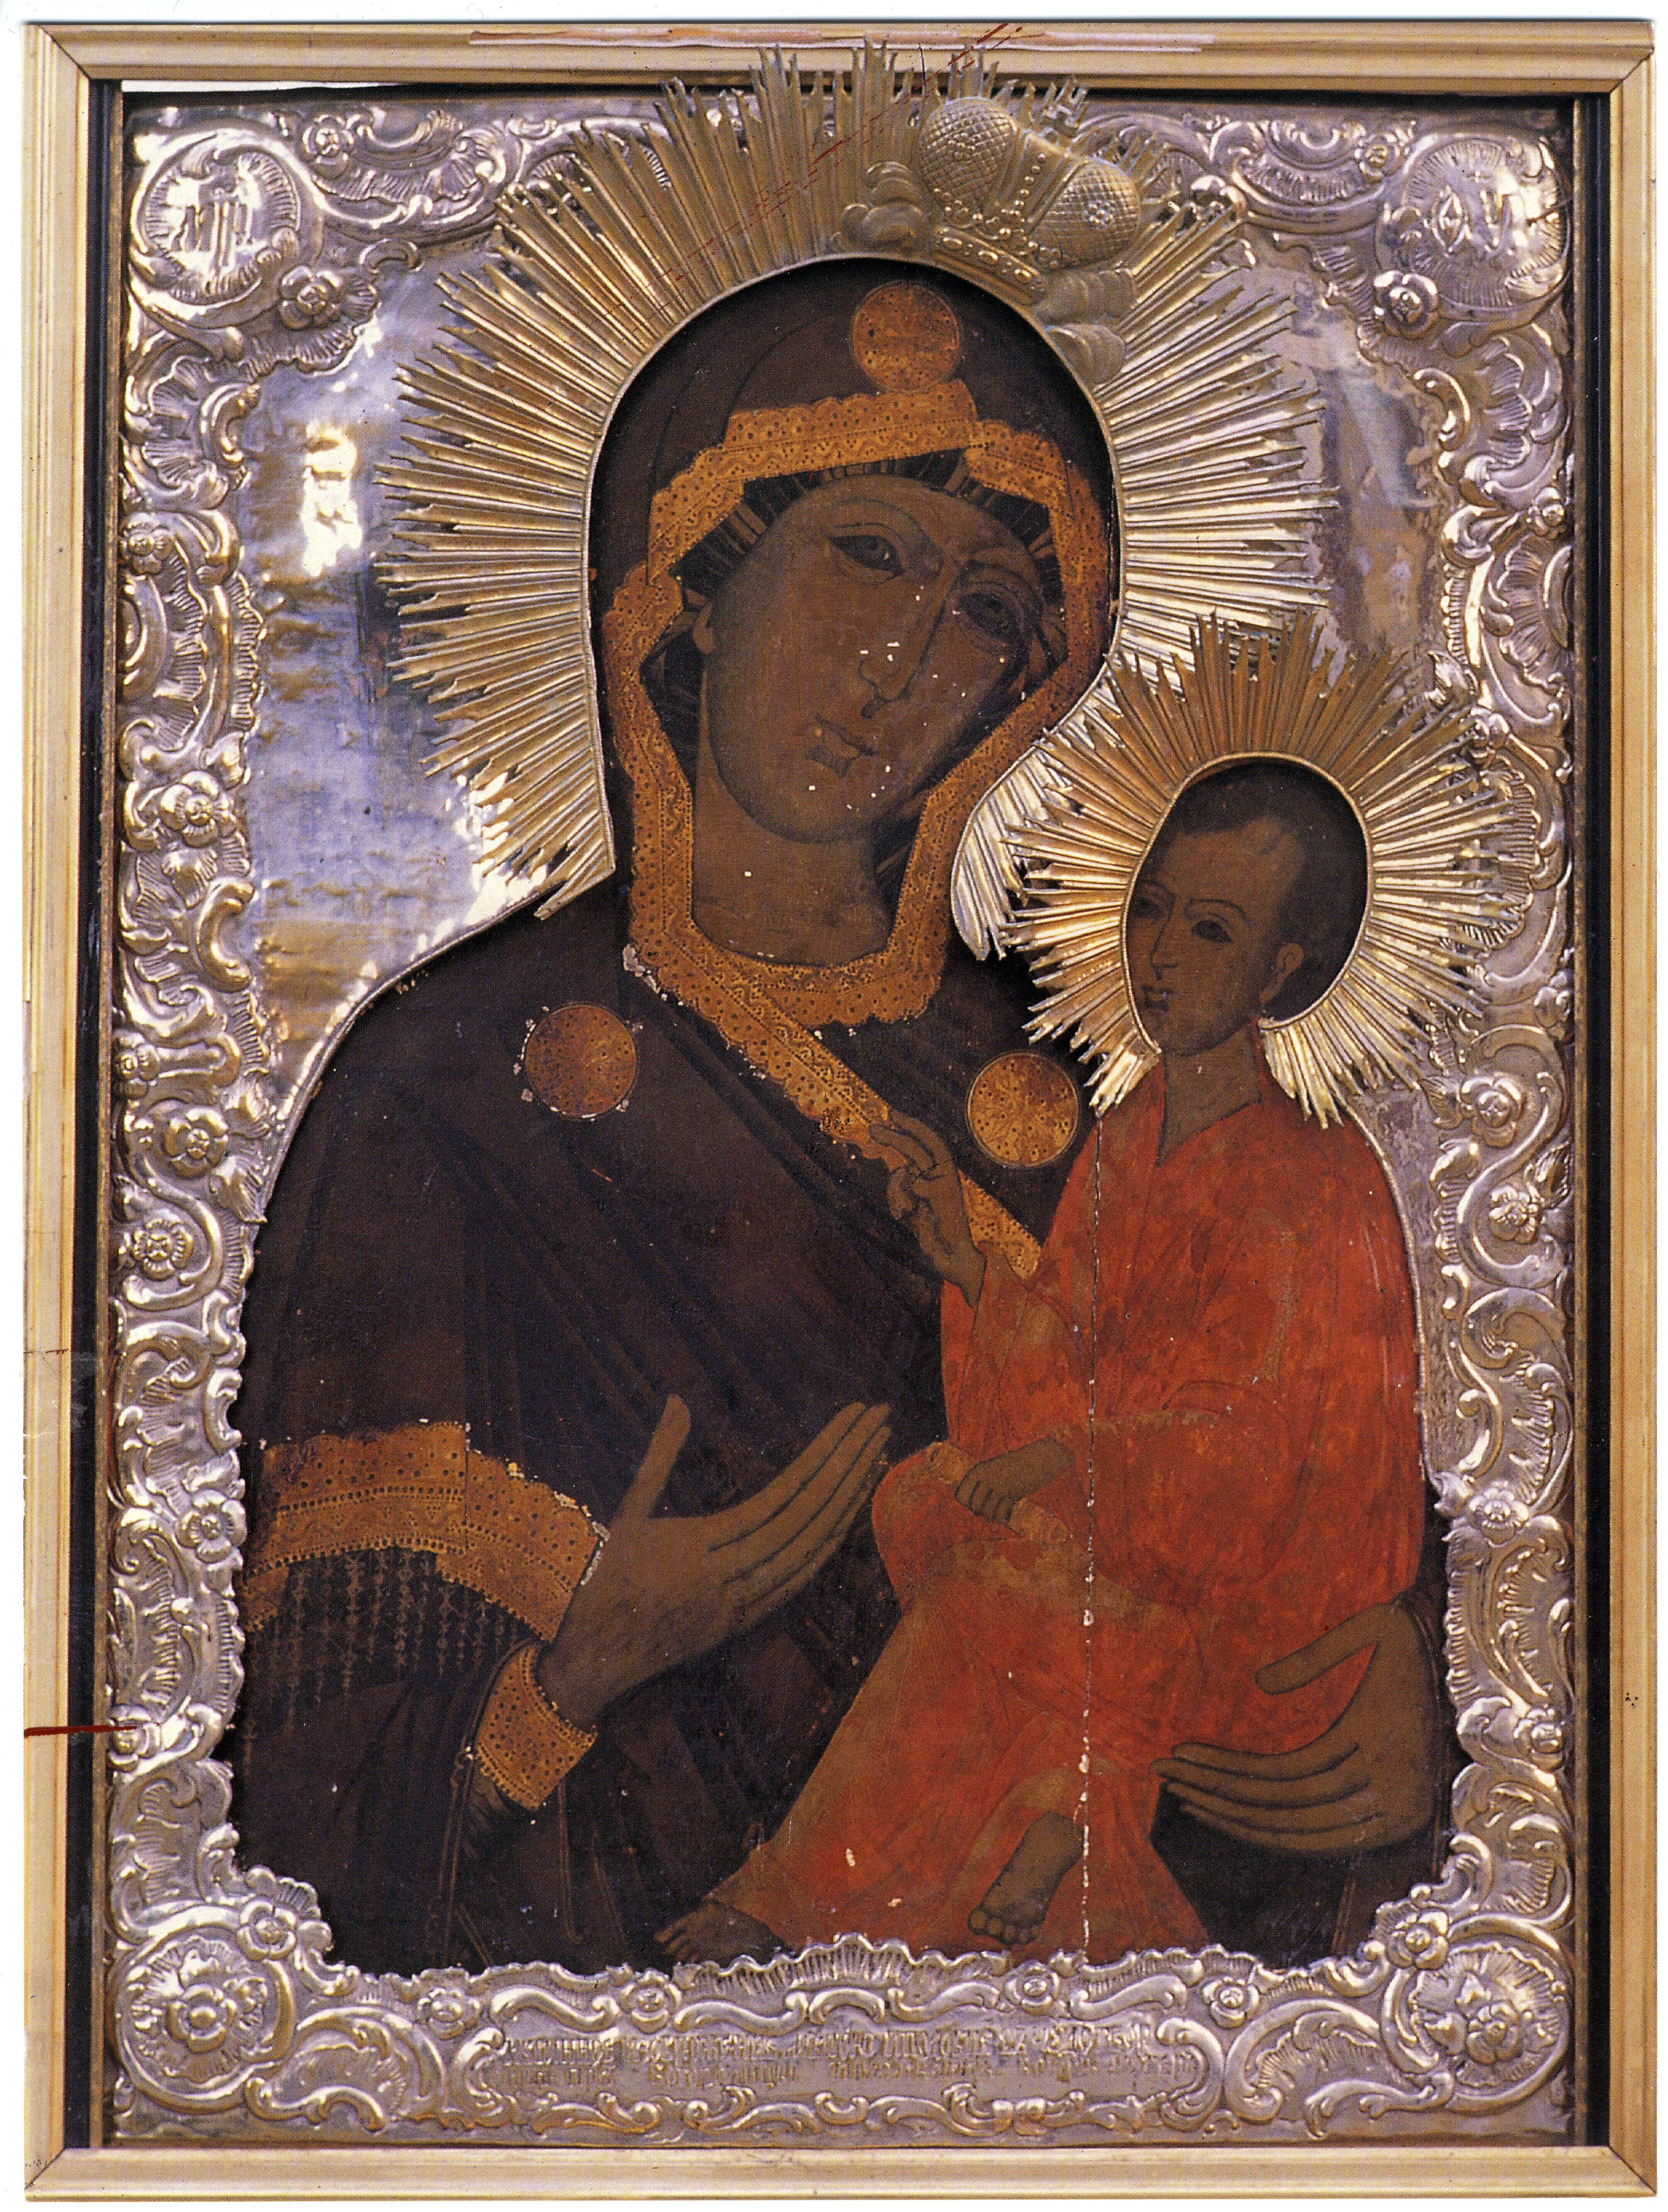 Иконы св. горы Афон (32 картинок ...: nevsepic.com.ua/religiya/1460-ikony-sv-gory-afon-32-kartinok.html